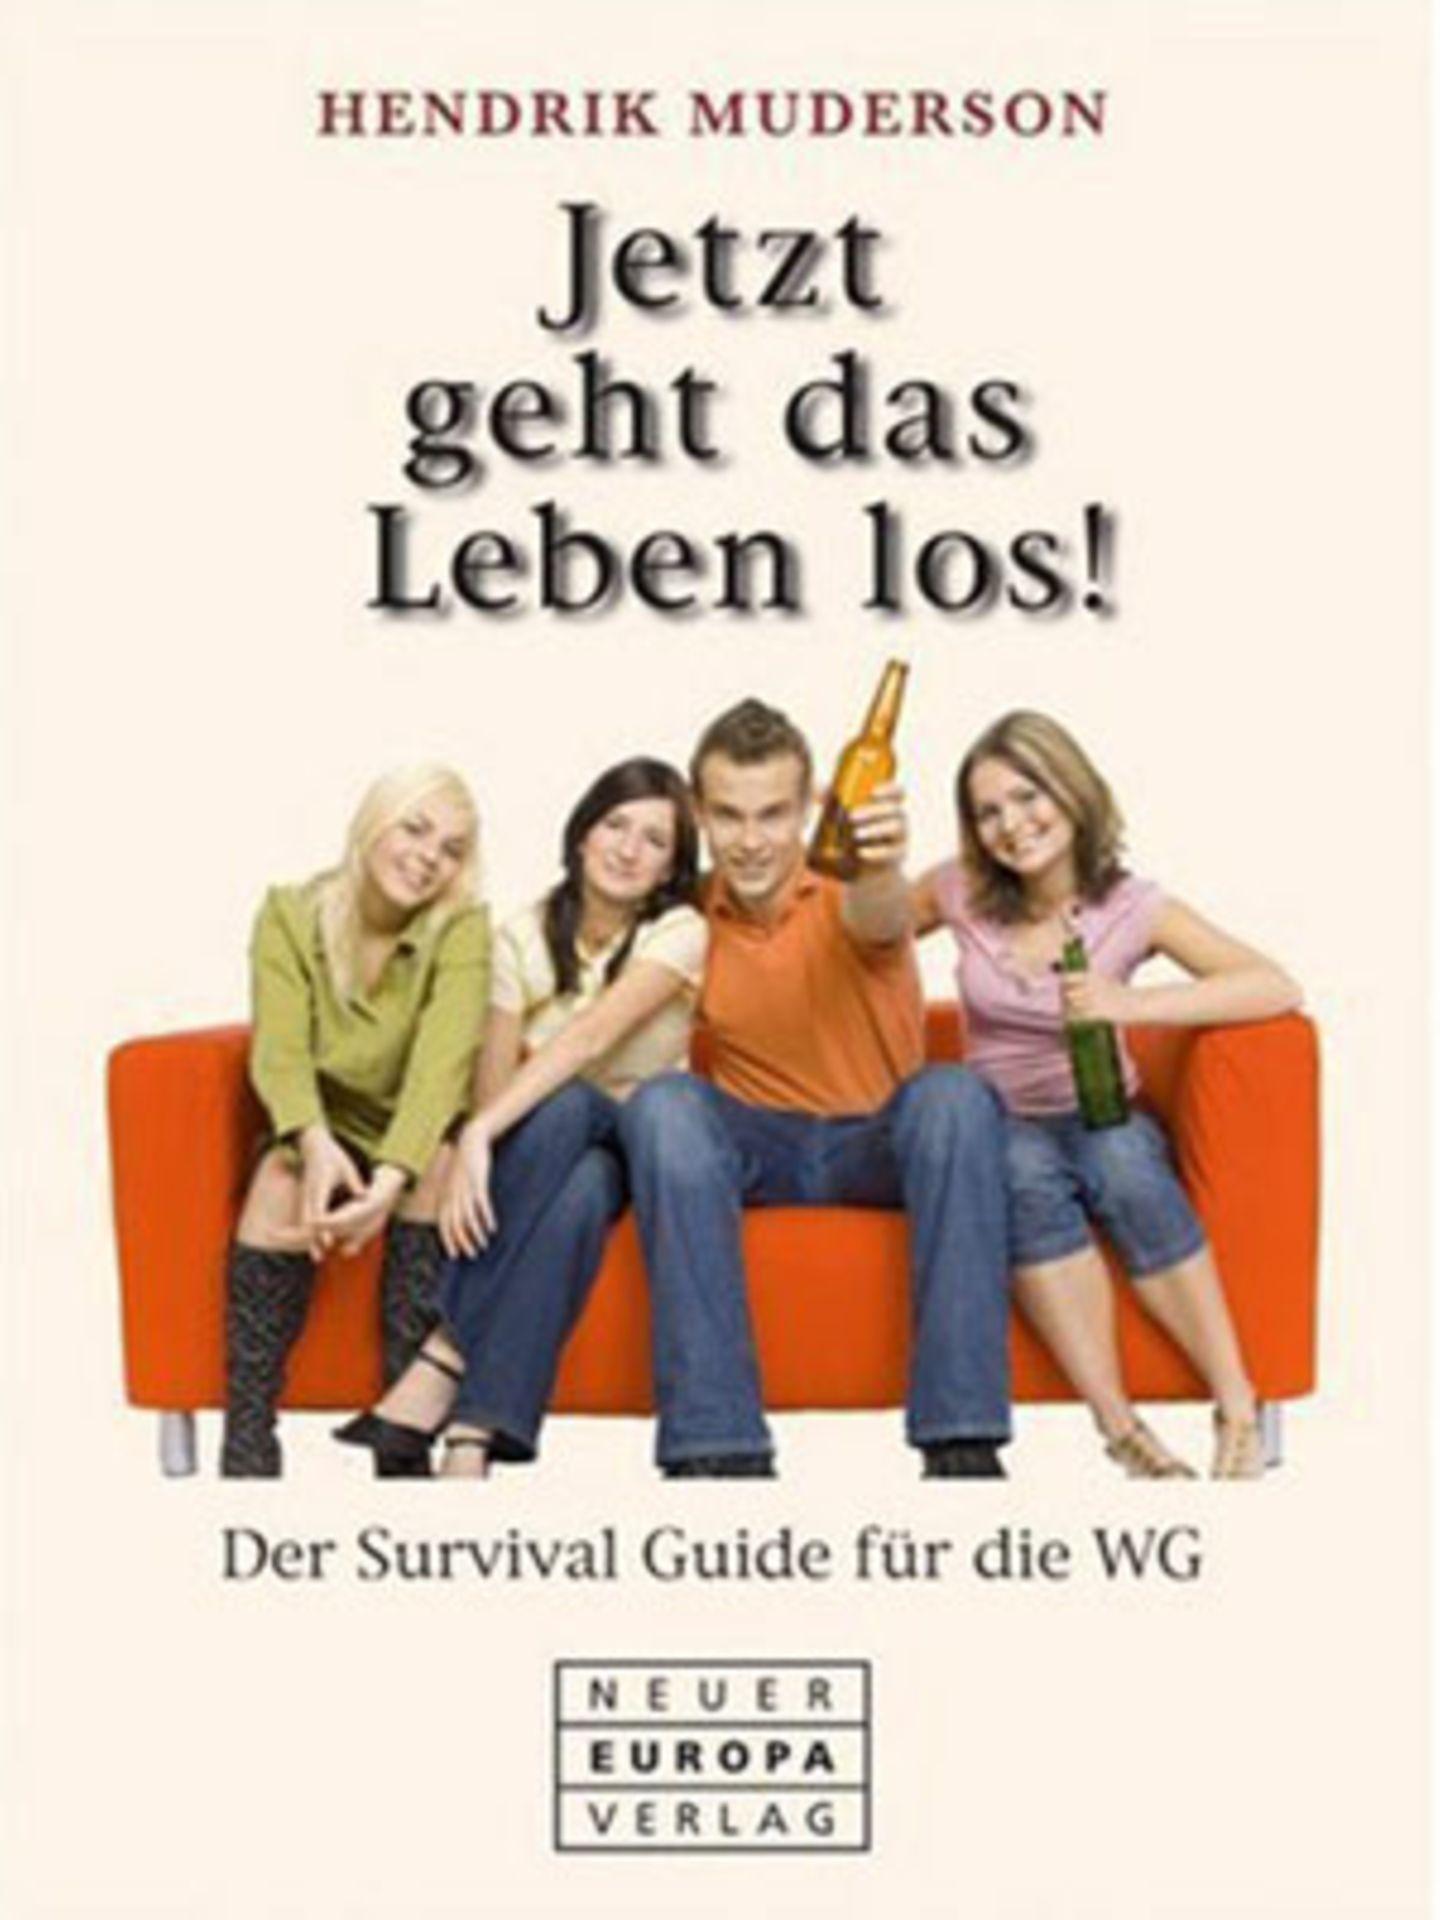 """Kleine WG-Überlebenshilfe    Endlich von zu Hause raus und rein ins WG-Leben! Doch so mancher WG-Anfänger sieht sich plötzlich mit ganz neuen Fragen konfrontiert: Wie schließe ich einen rechtsgültigen Mietvertrag? Wie reagiert die Telefongesellschaft bei 3 Monaten Zahlungsverzug? Wann werden abgelaufene Lebensmittel giftig? Antworten und noch viele weitere Tipps liefert das Buch """"Jetzt geht das Leben los!: Der Survival Guide für die WG"""" von Hendrik Muderson, Neuer Europa Verlag, 192 Seiten, 9,90 Euro über >> www.buecher.de"""